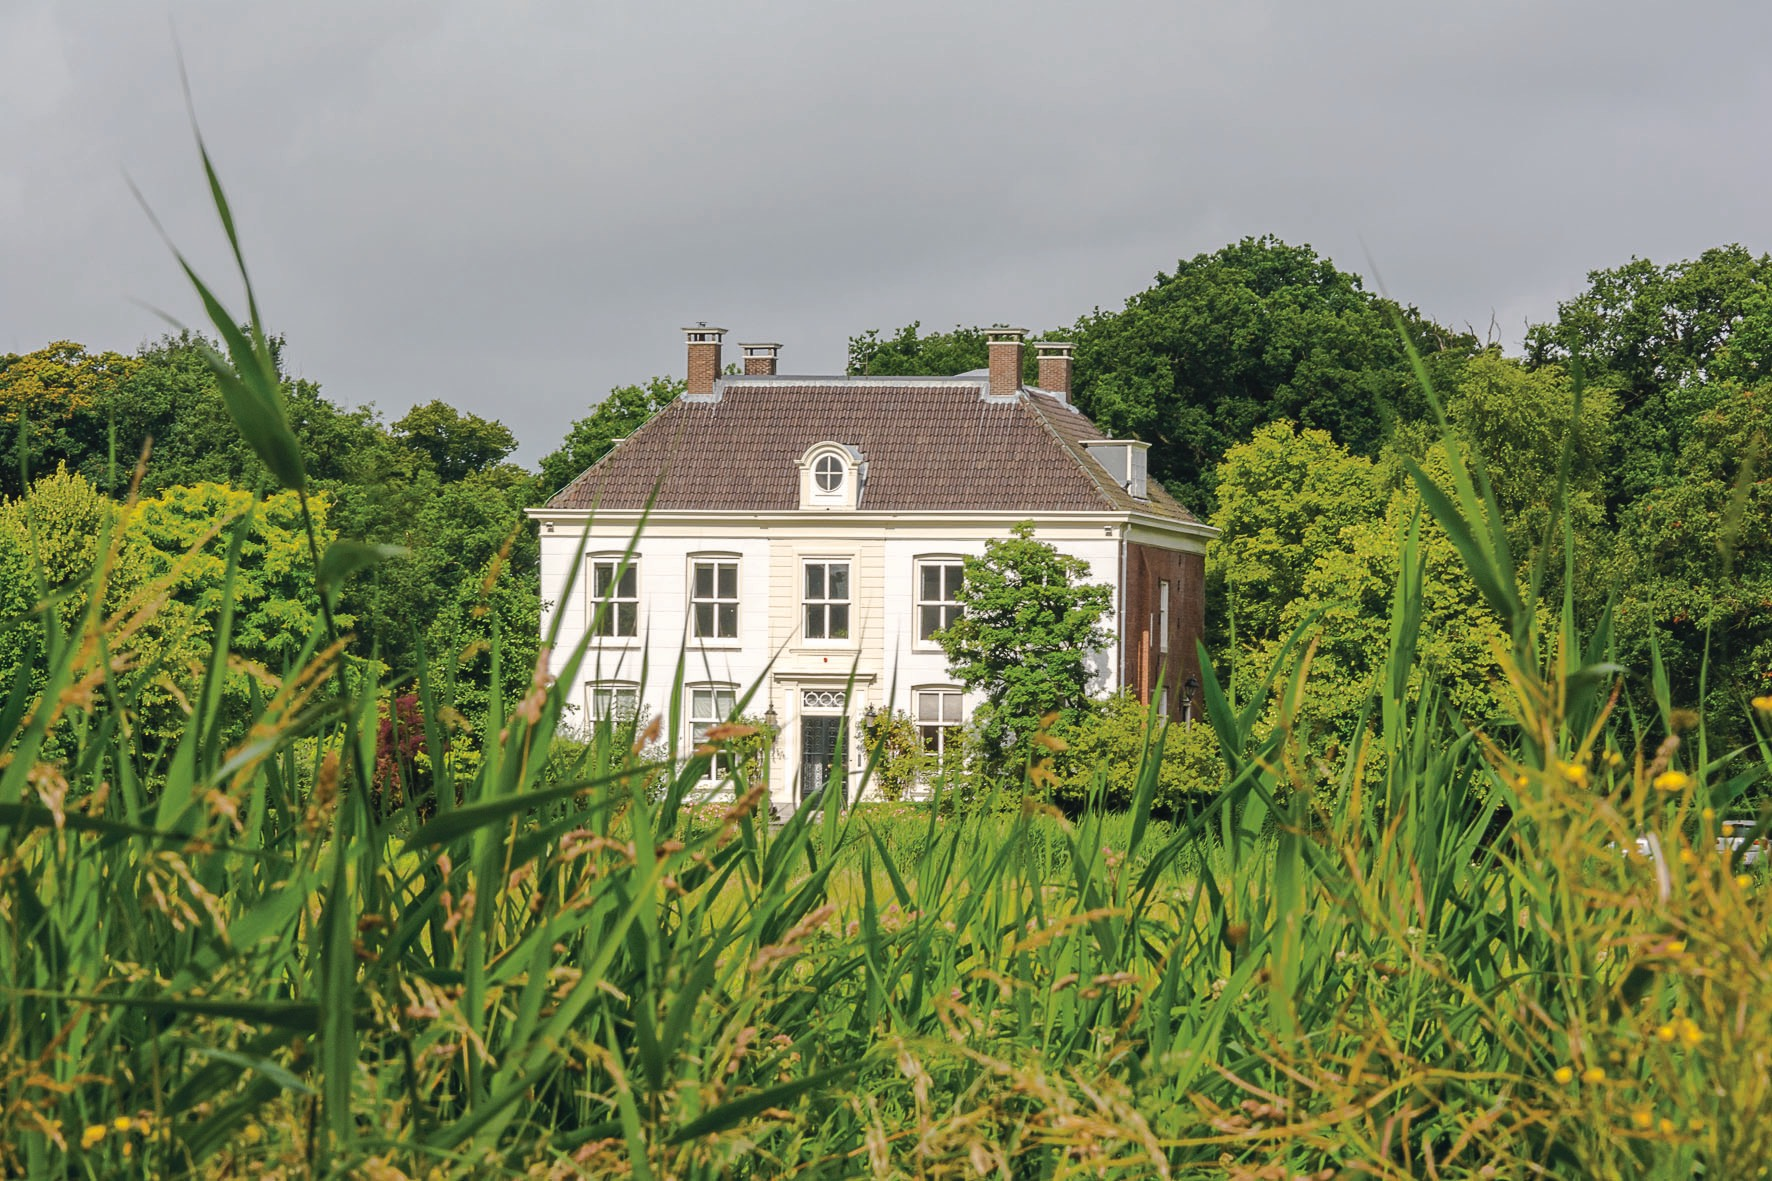 Buitenplaats Ipenrode